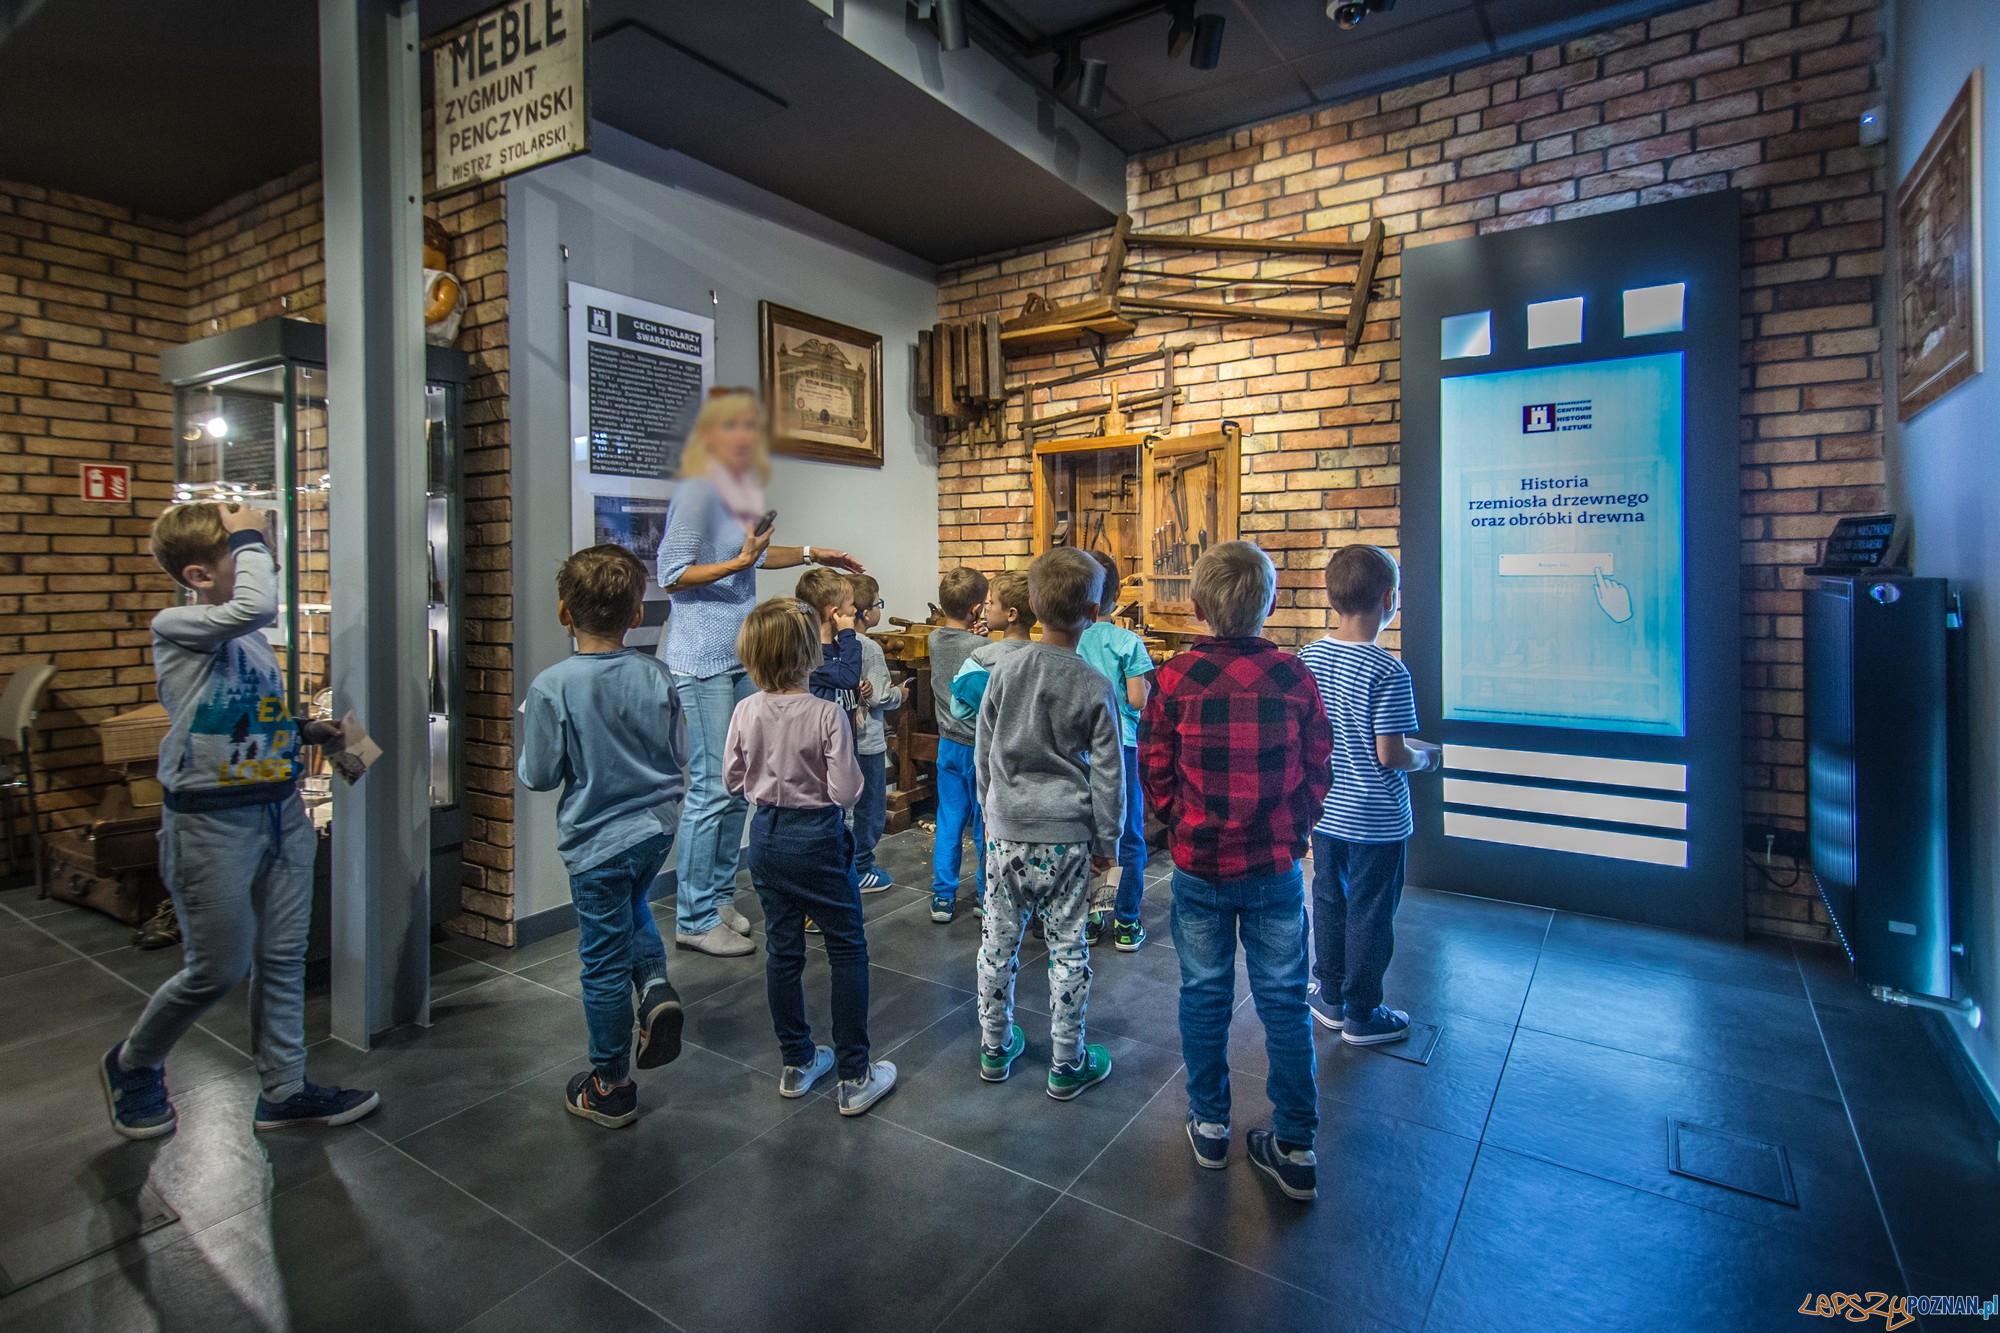 Zwiedzanie Swarzйdzkiego Centrum Historii i Sztuki (fot. Jakub Pindych PLOT)  Foto: materiały prasowe PLOT